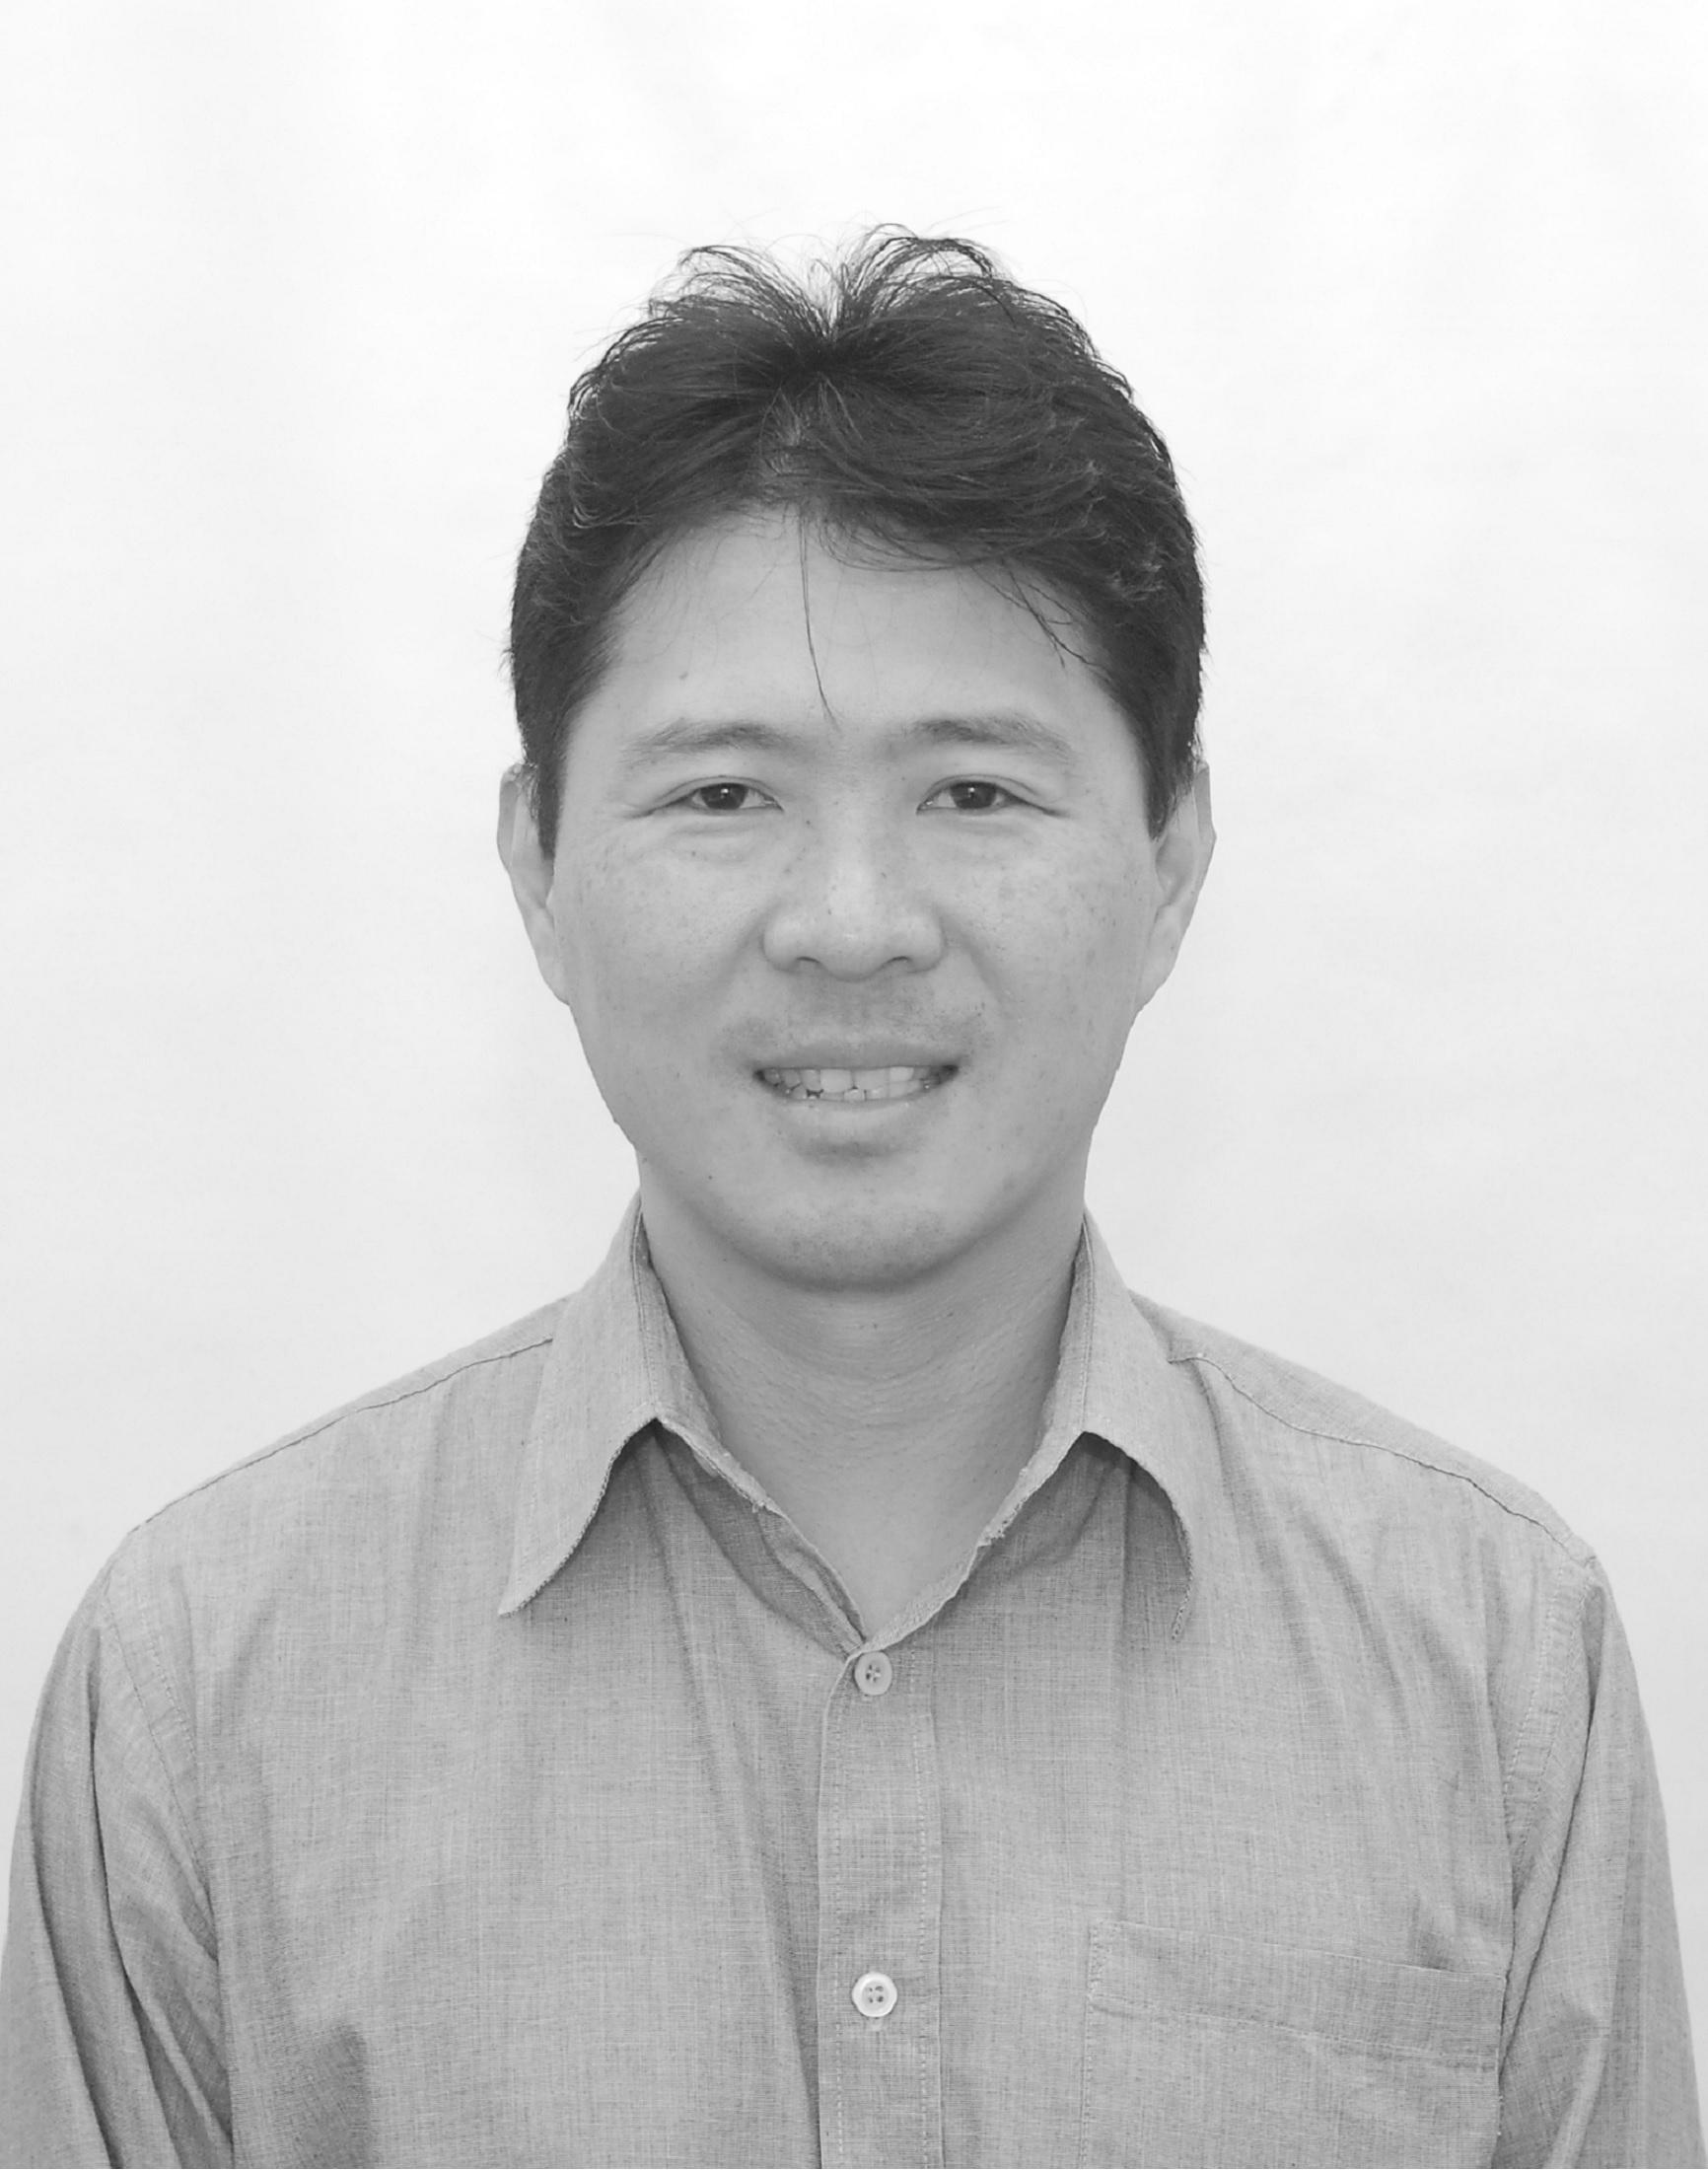 Seiiti Suzuki, Corporate R&D Manager, InterCement